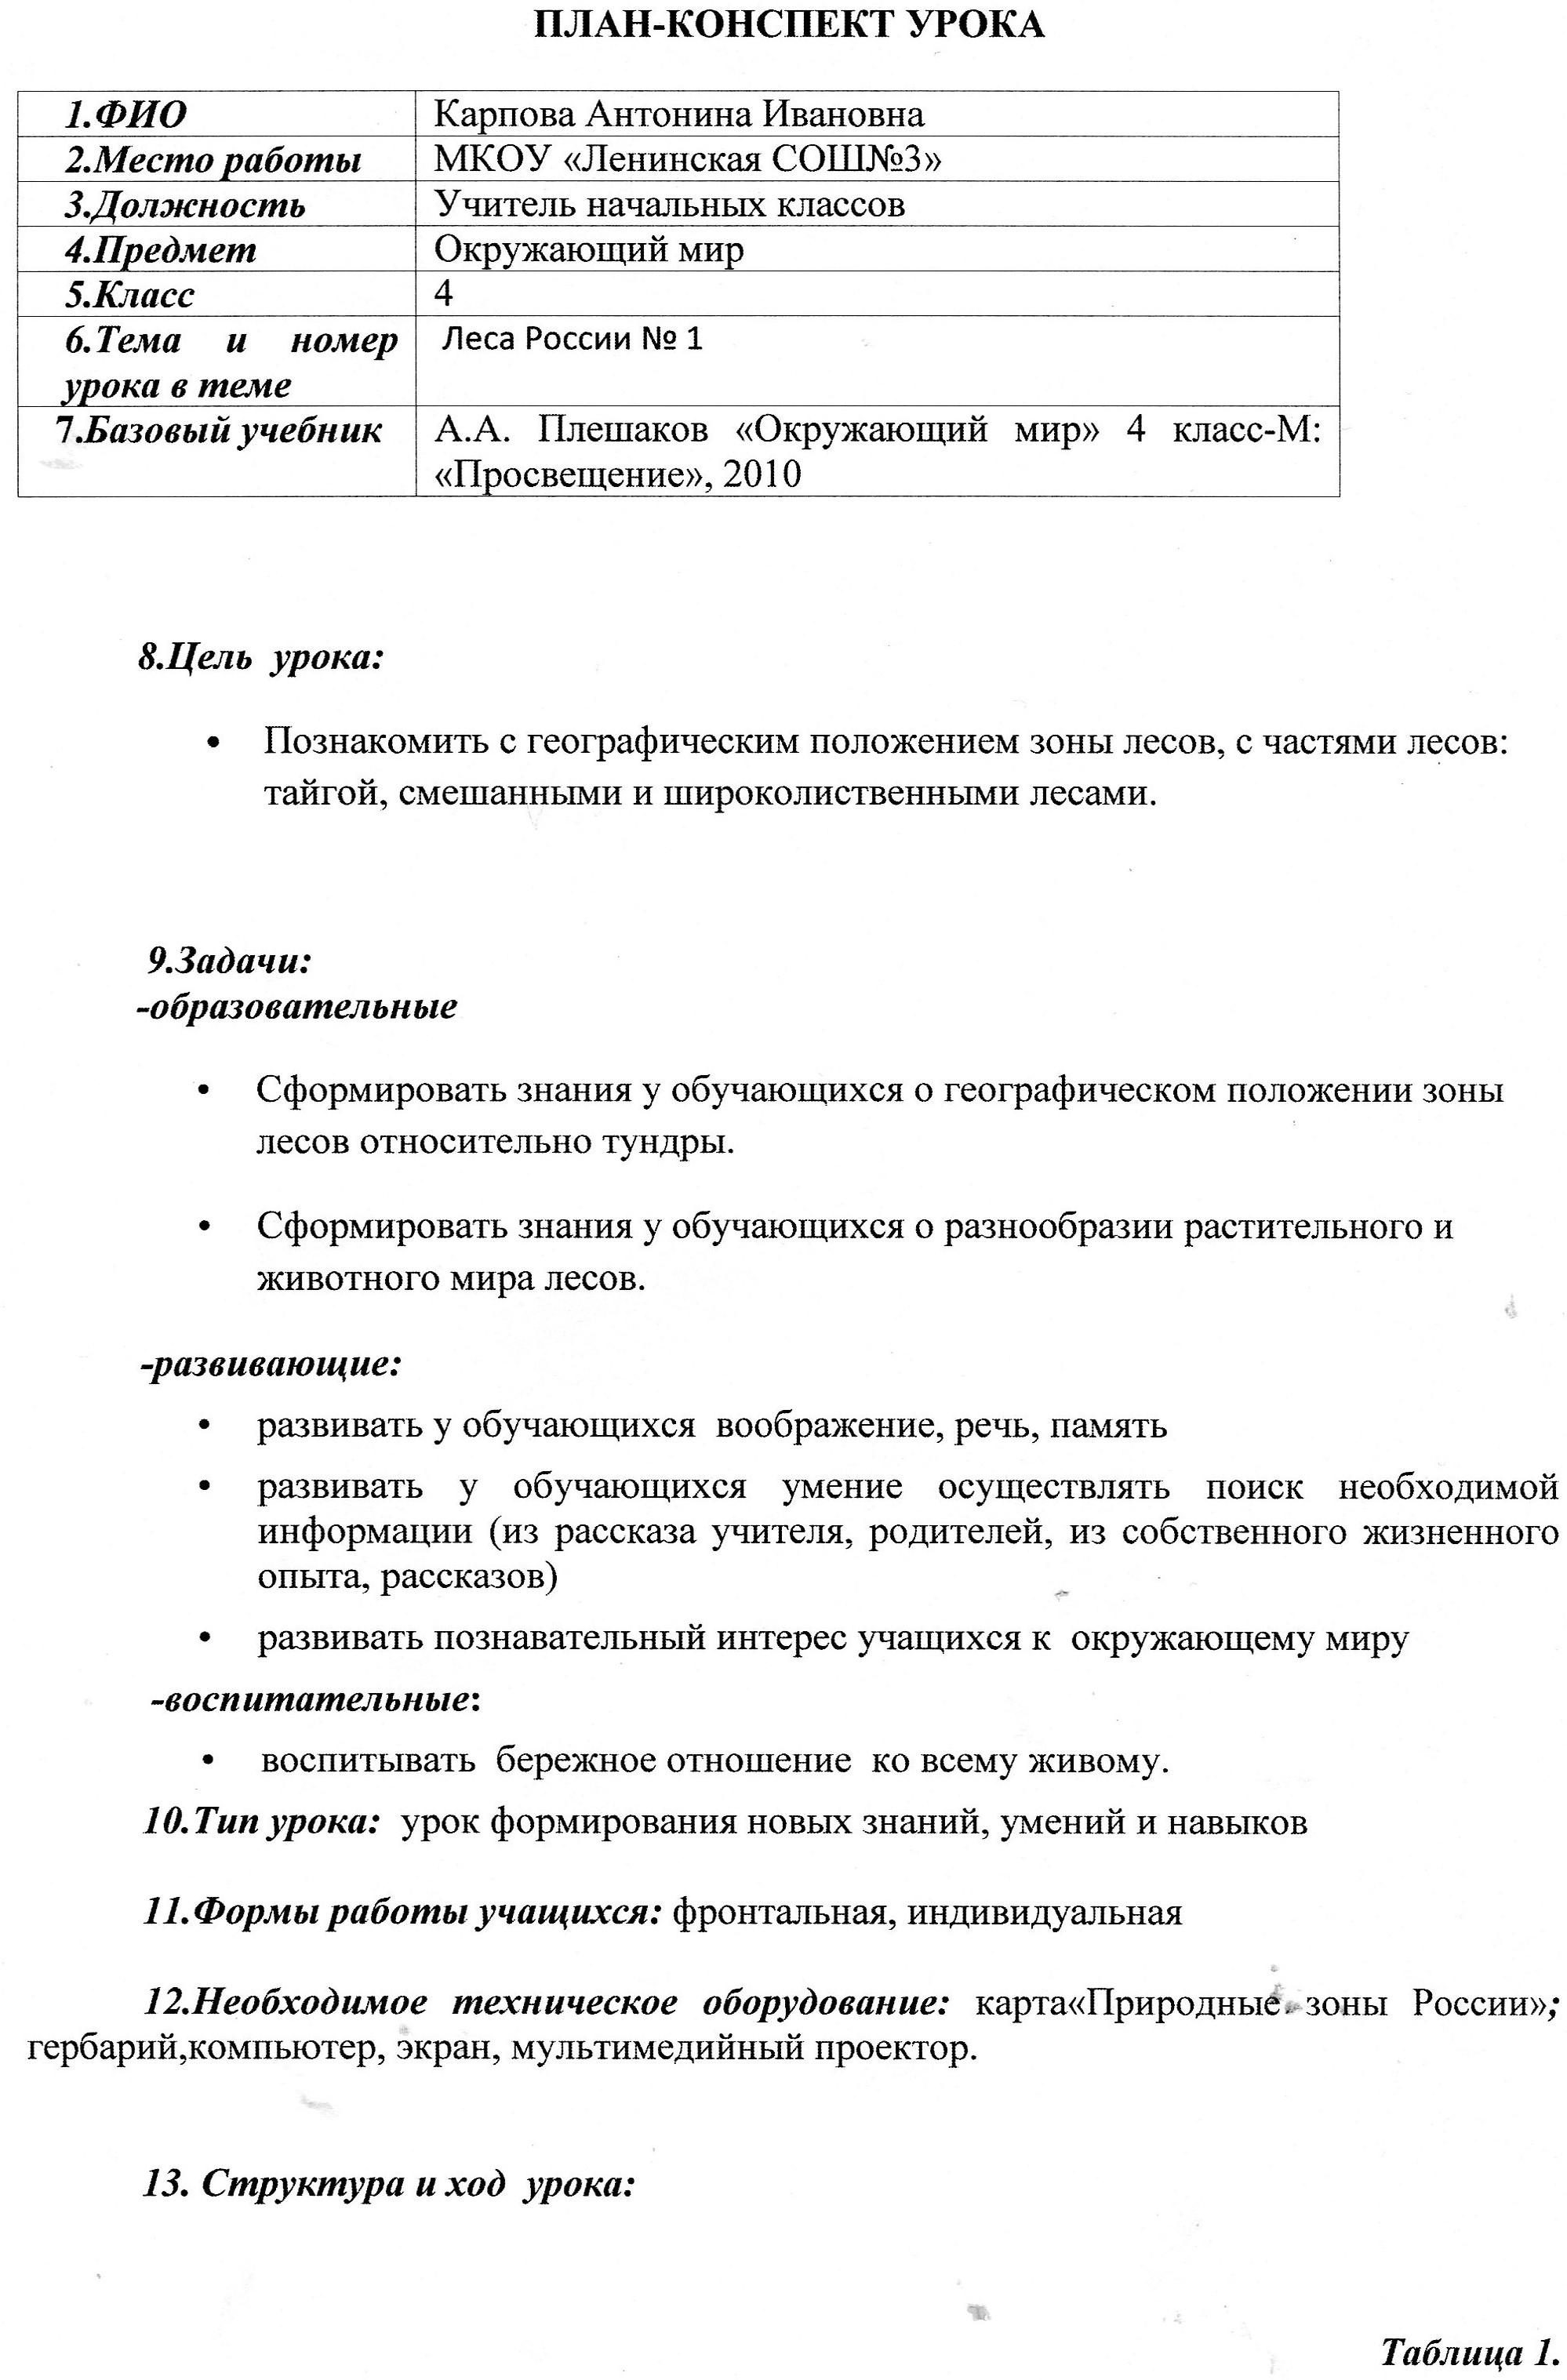 D:\Users\Администратор\Desktop\Леса России\1.jpg